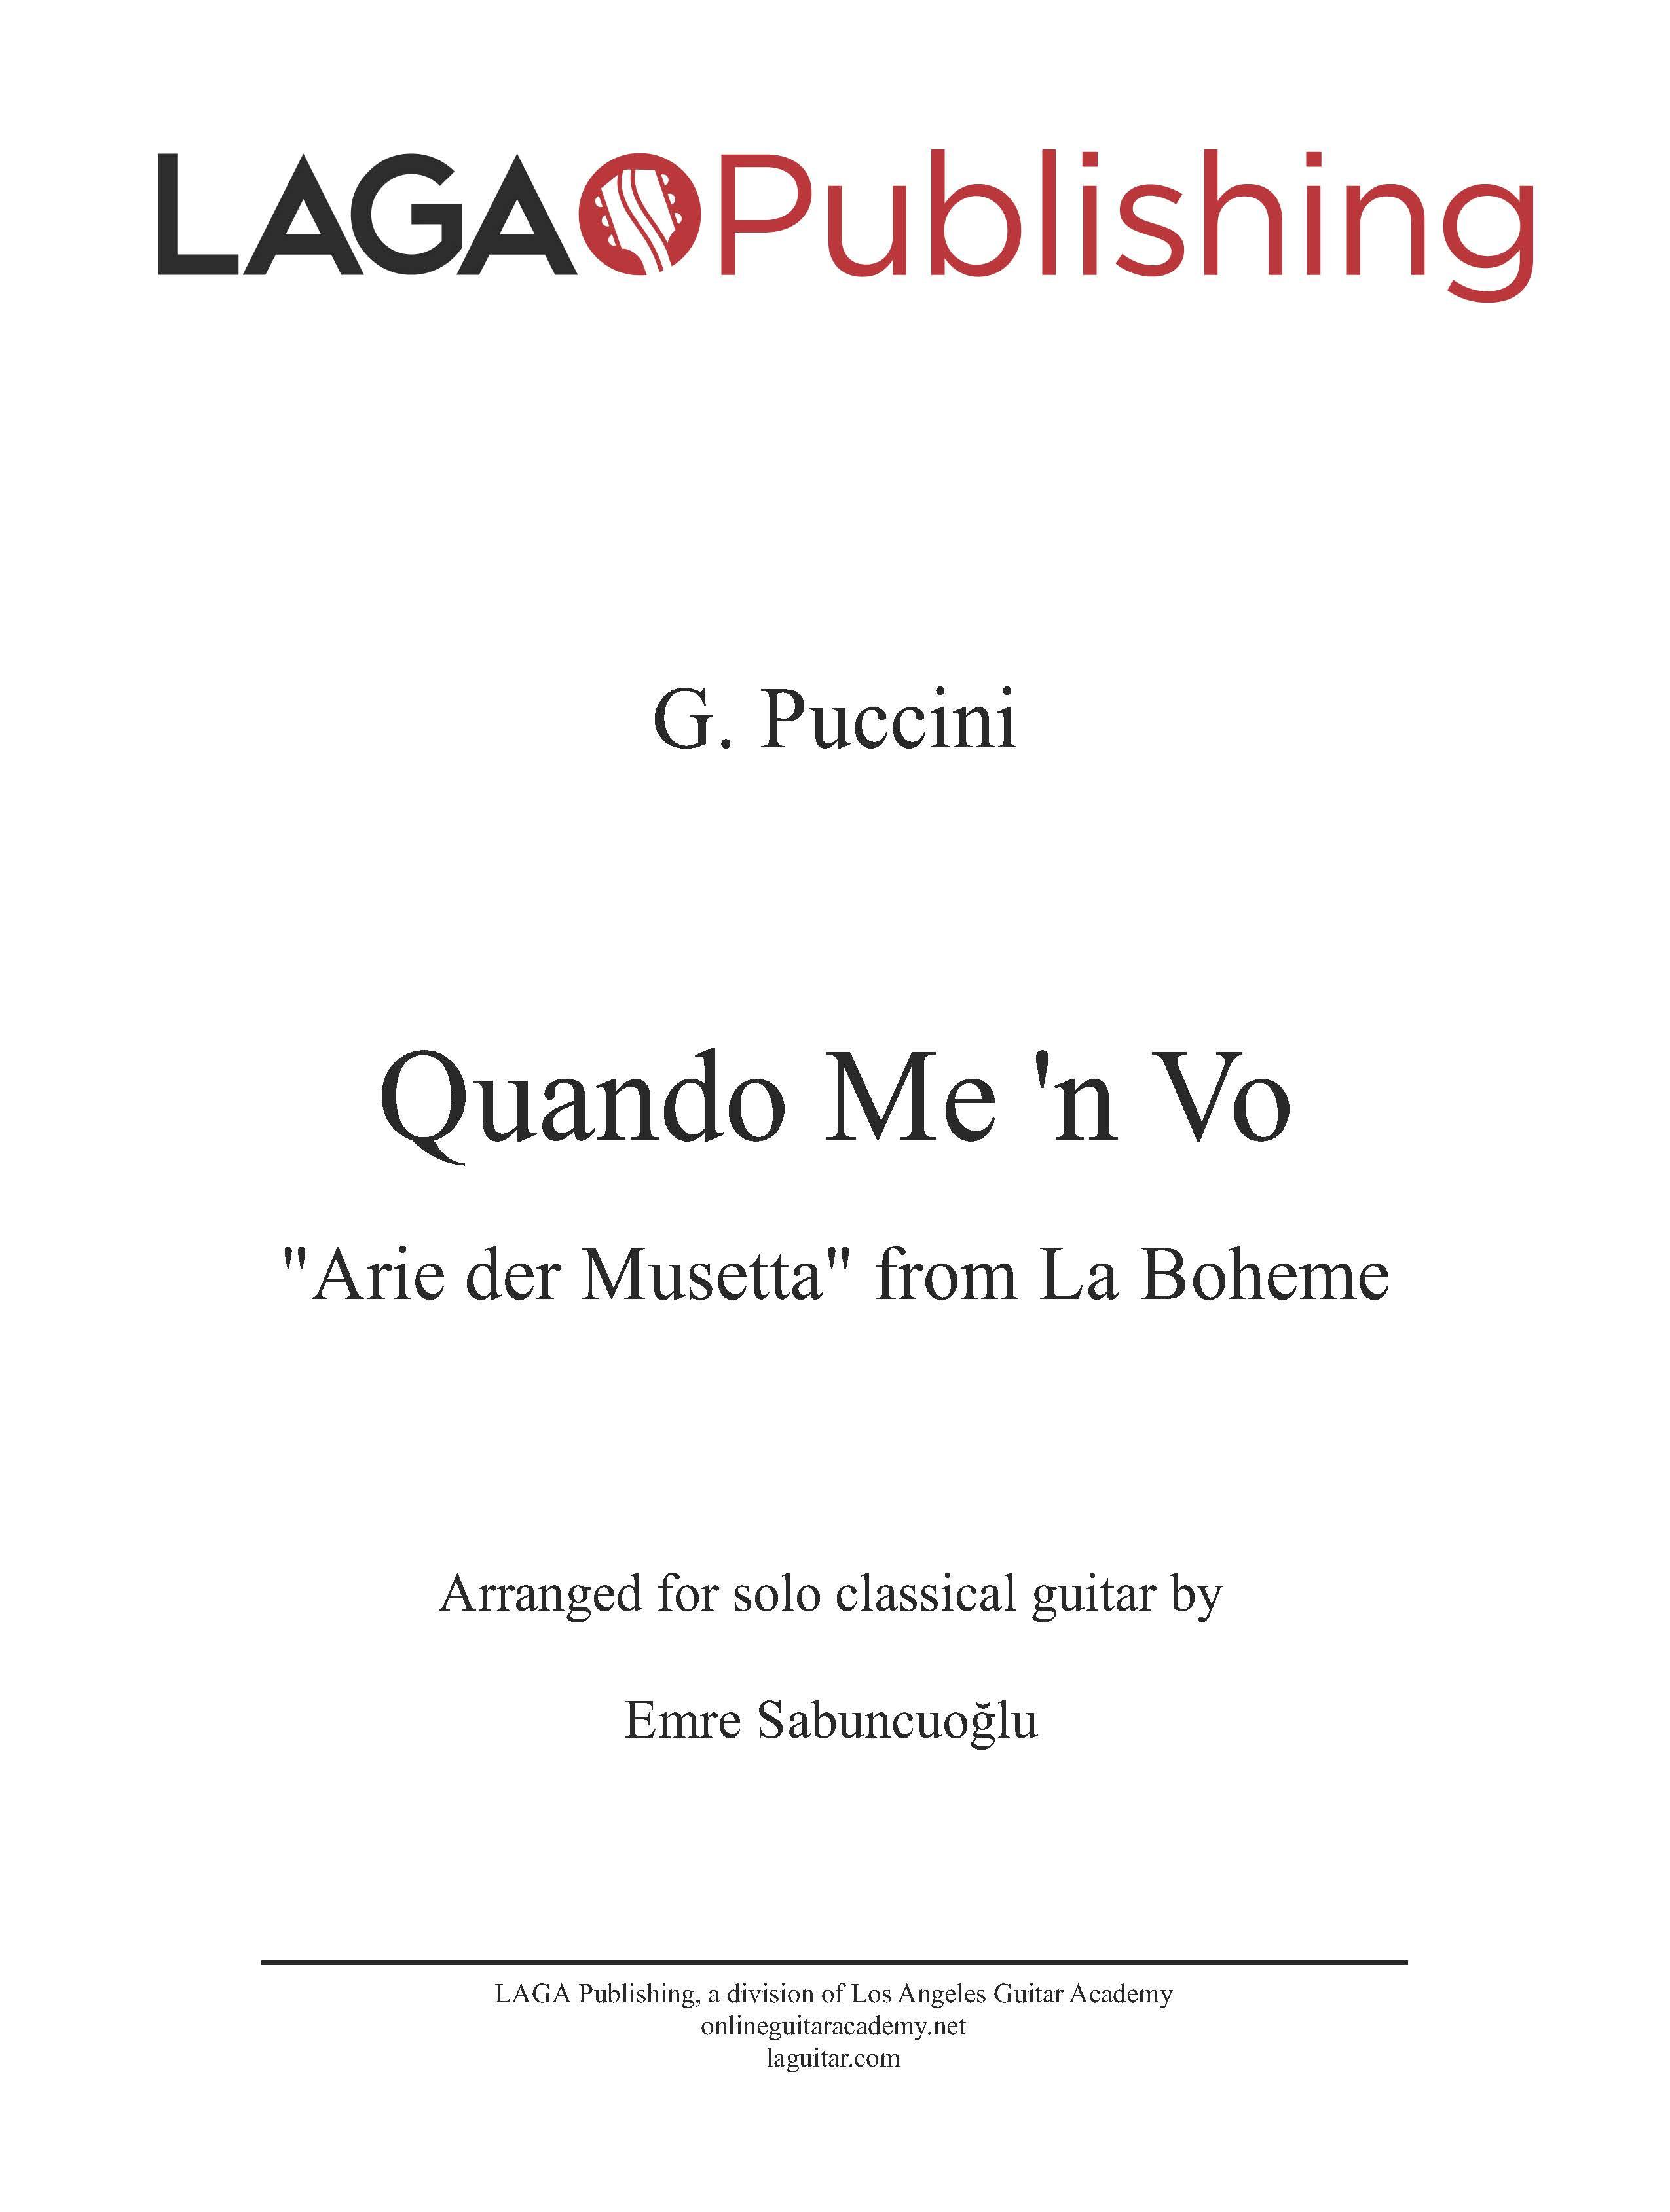 LAGA-Publishing-Puccini-Quando-Score-and-Tab